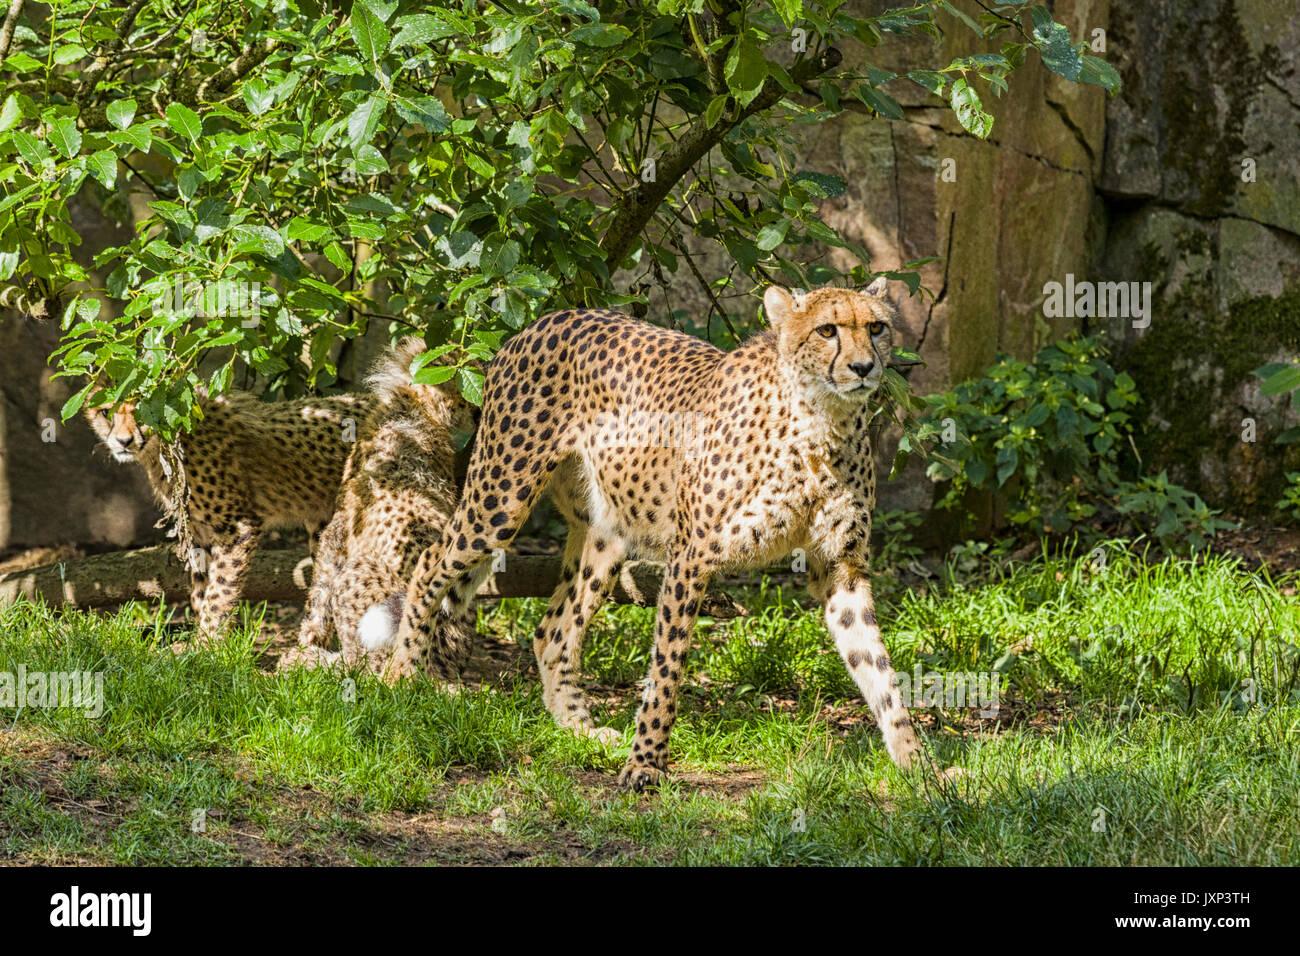 Gruppo di ghepardi (Acinonyx jubatus), famiglia con madre cheetah con cuccioli modello di rilascio: No. Proprietà di rilascio: No. Immagini Stock